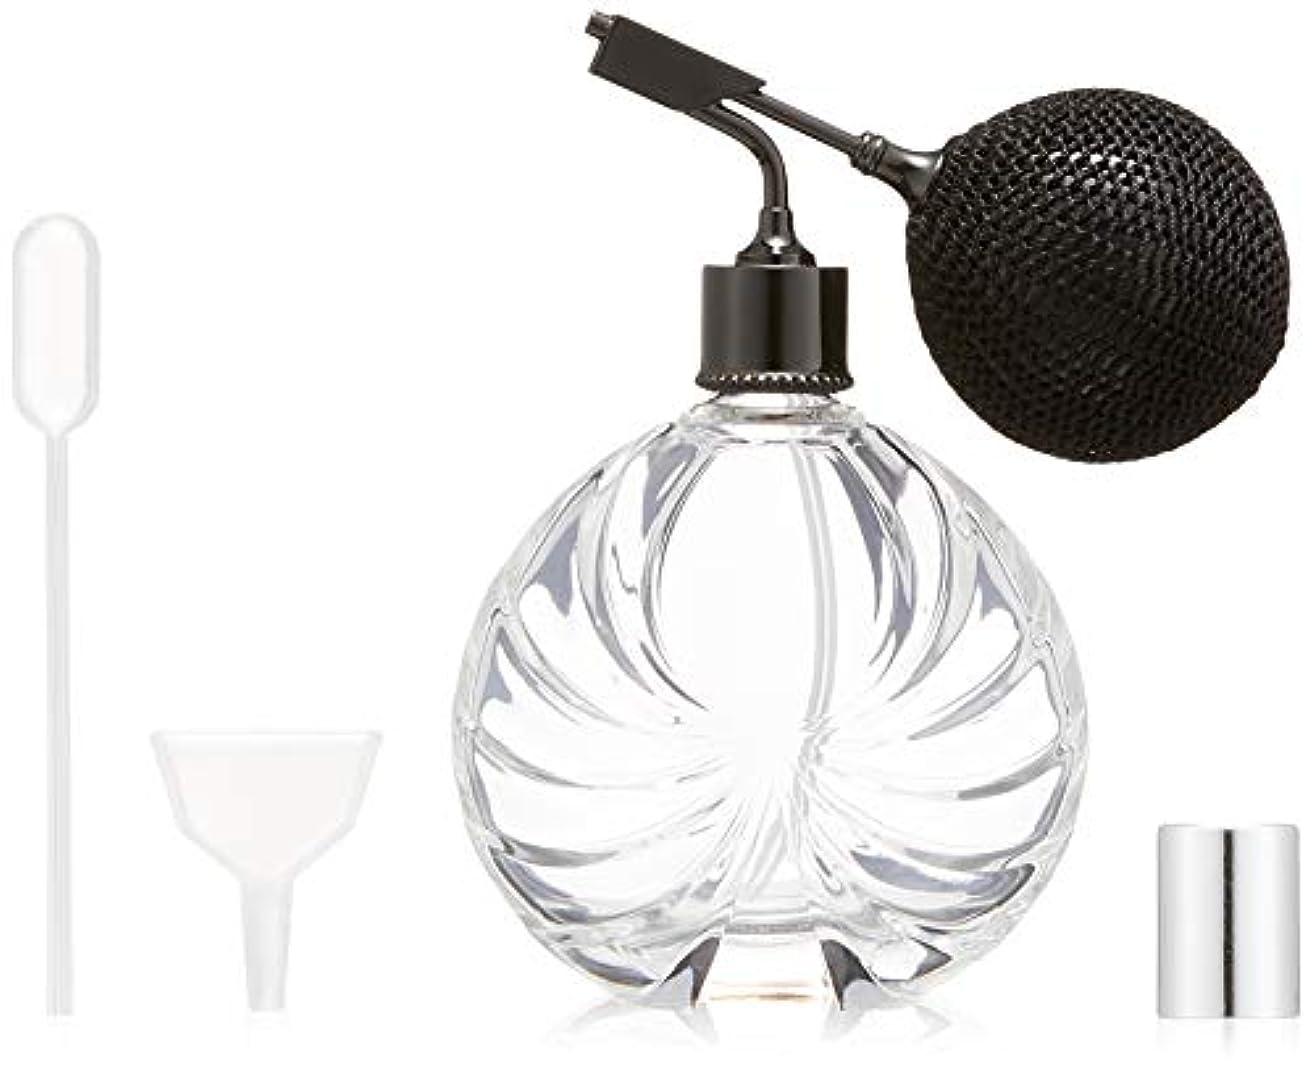 ヘロイン自動学士ヒロセアトマイザー フランス製香水瓶50ML Upper East Side 369872 (50MLタクジョウ) CLBK